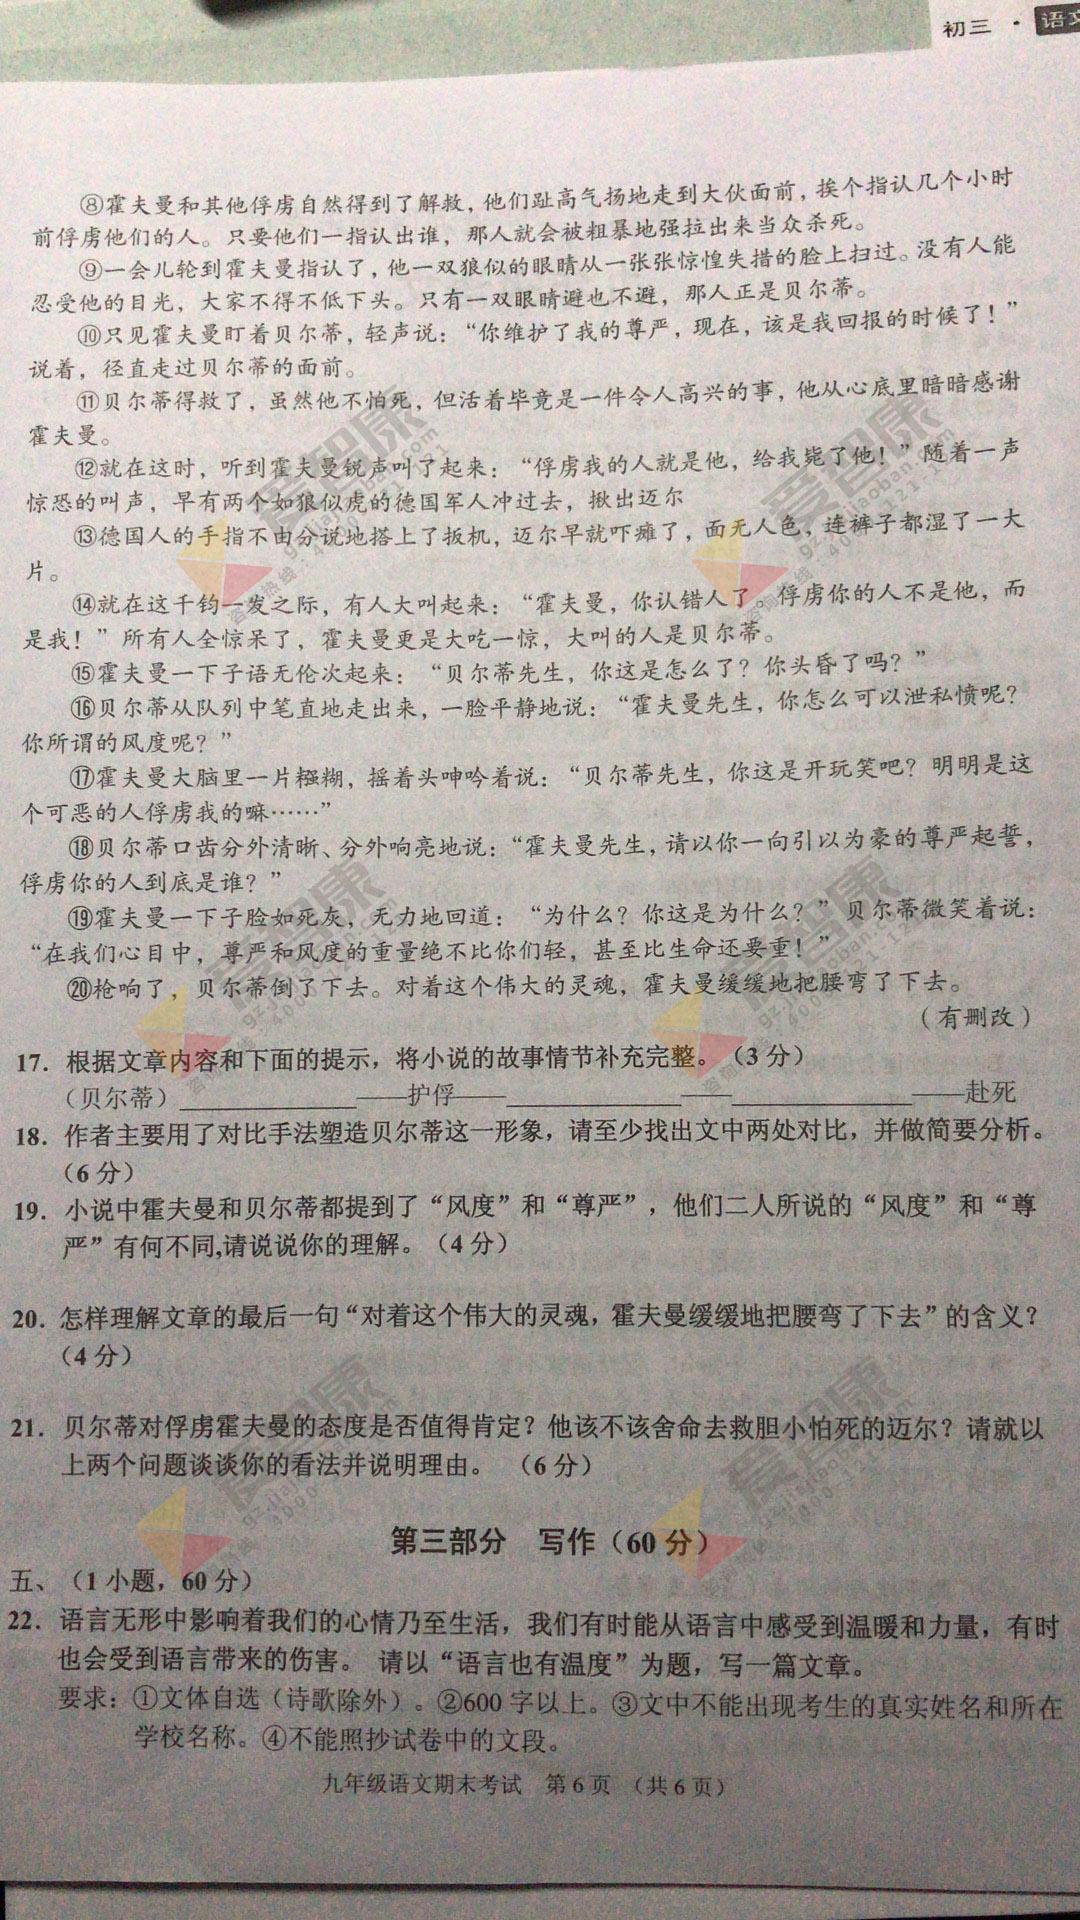 2017-2018学年广州天河区初三上学期期末语文试卷及答案解析